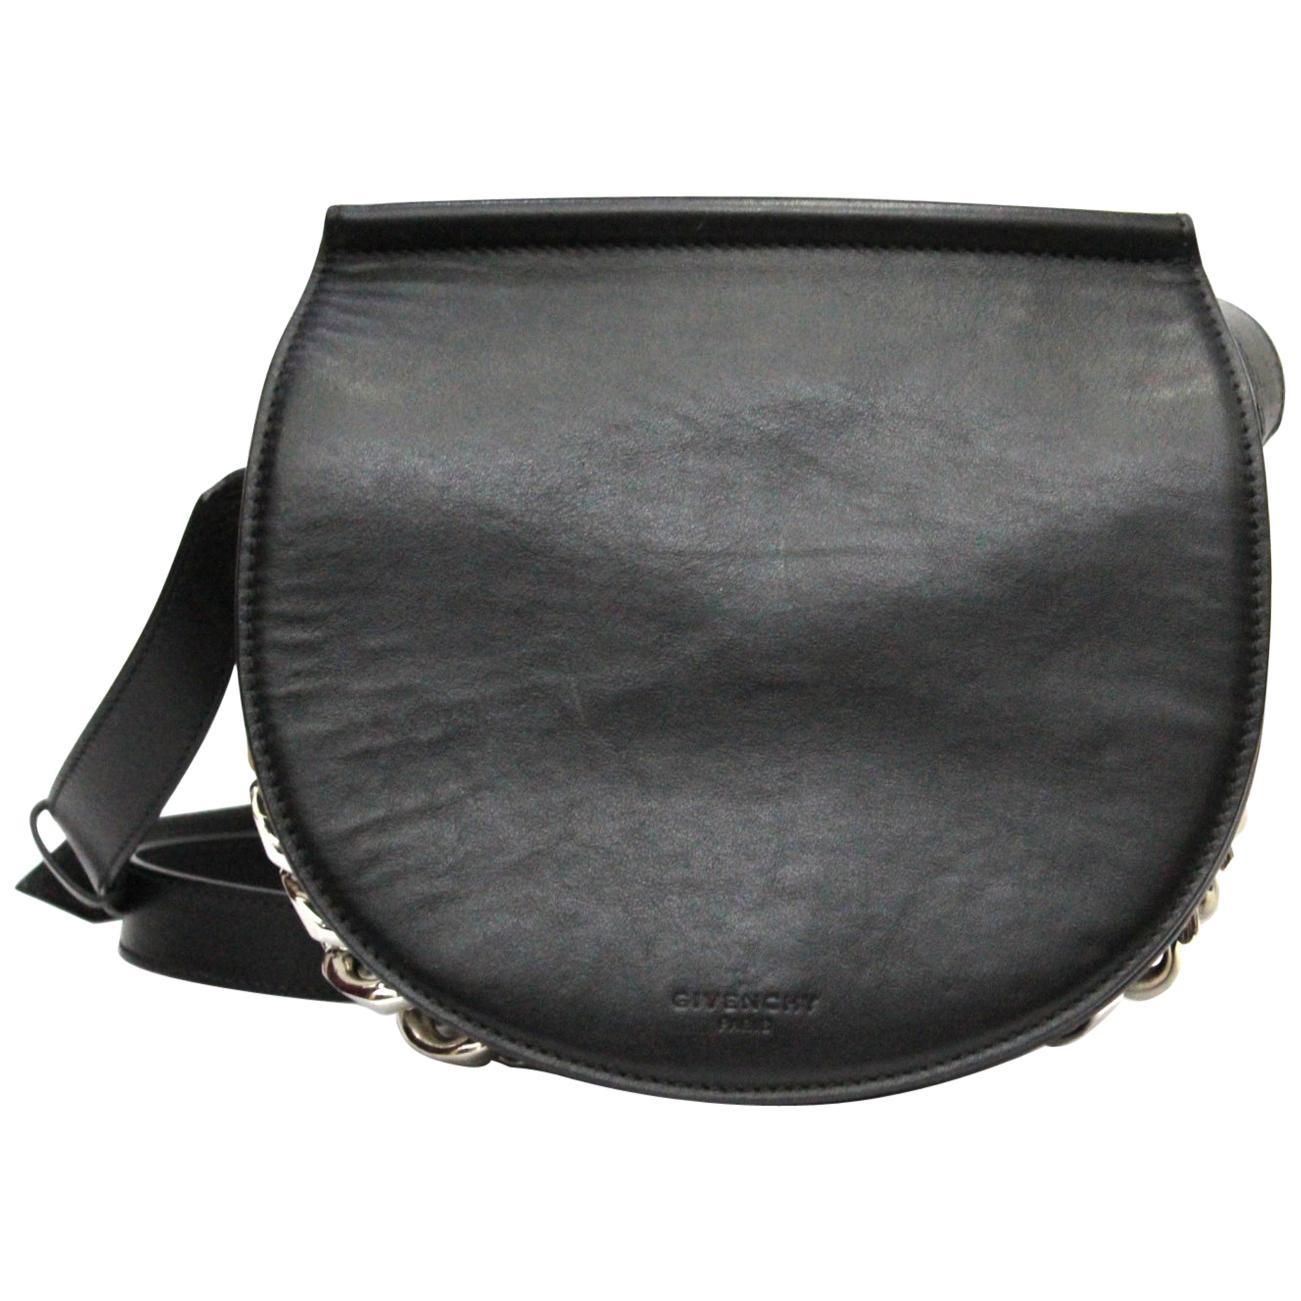 GIVENCHY Calfskin Mini Infinity Saddle Bag Black